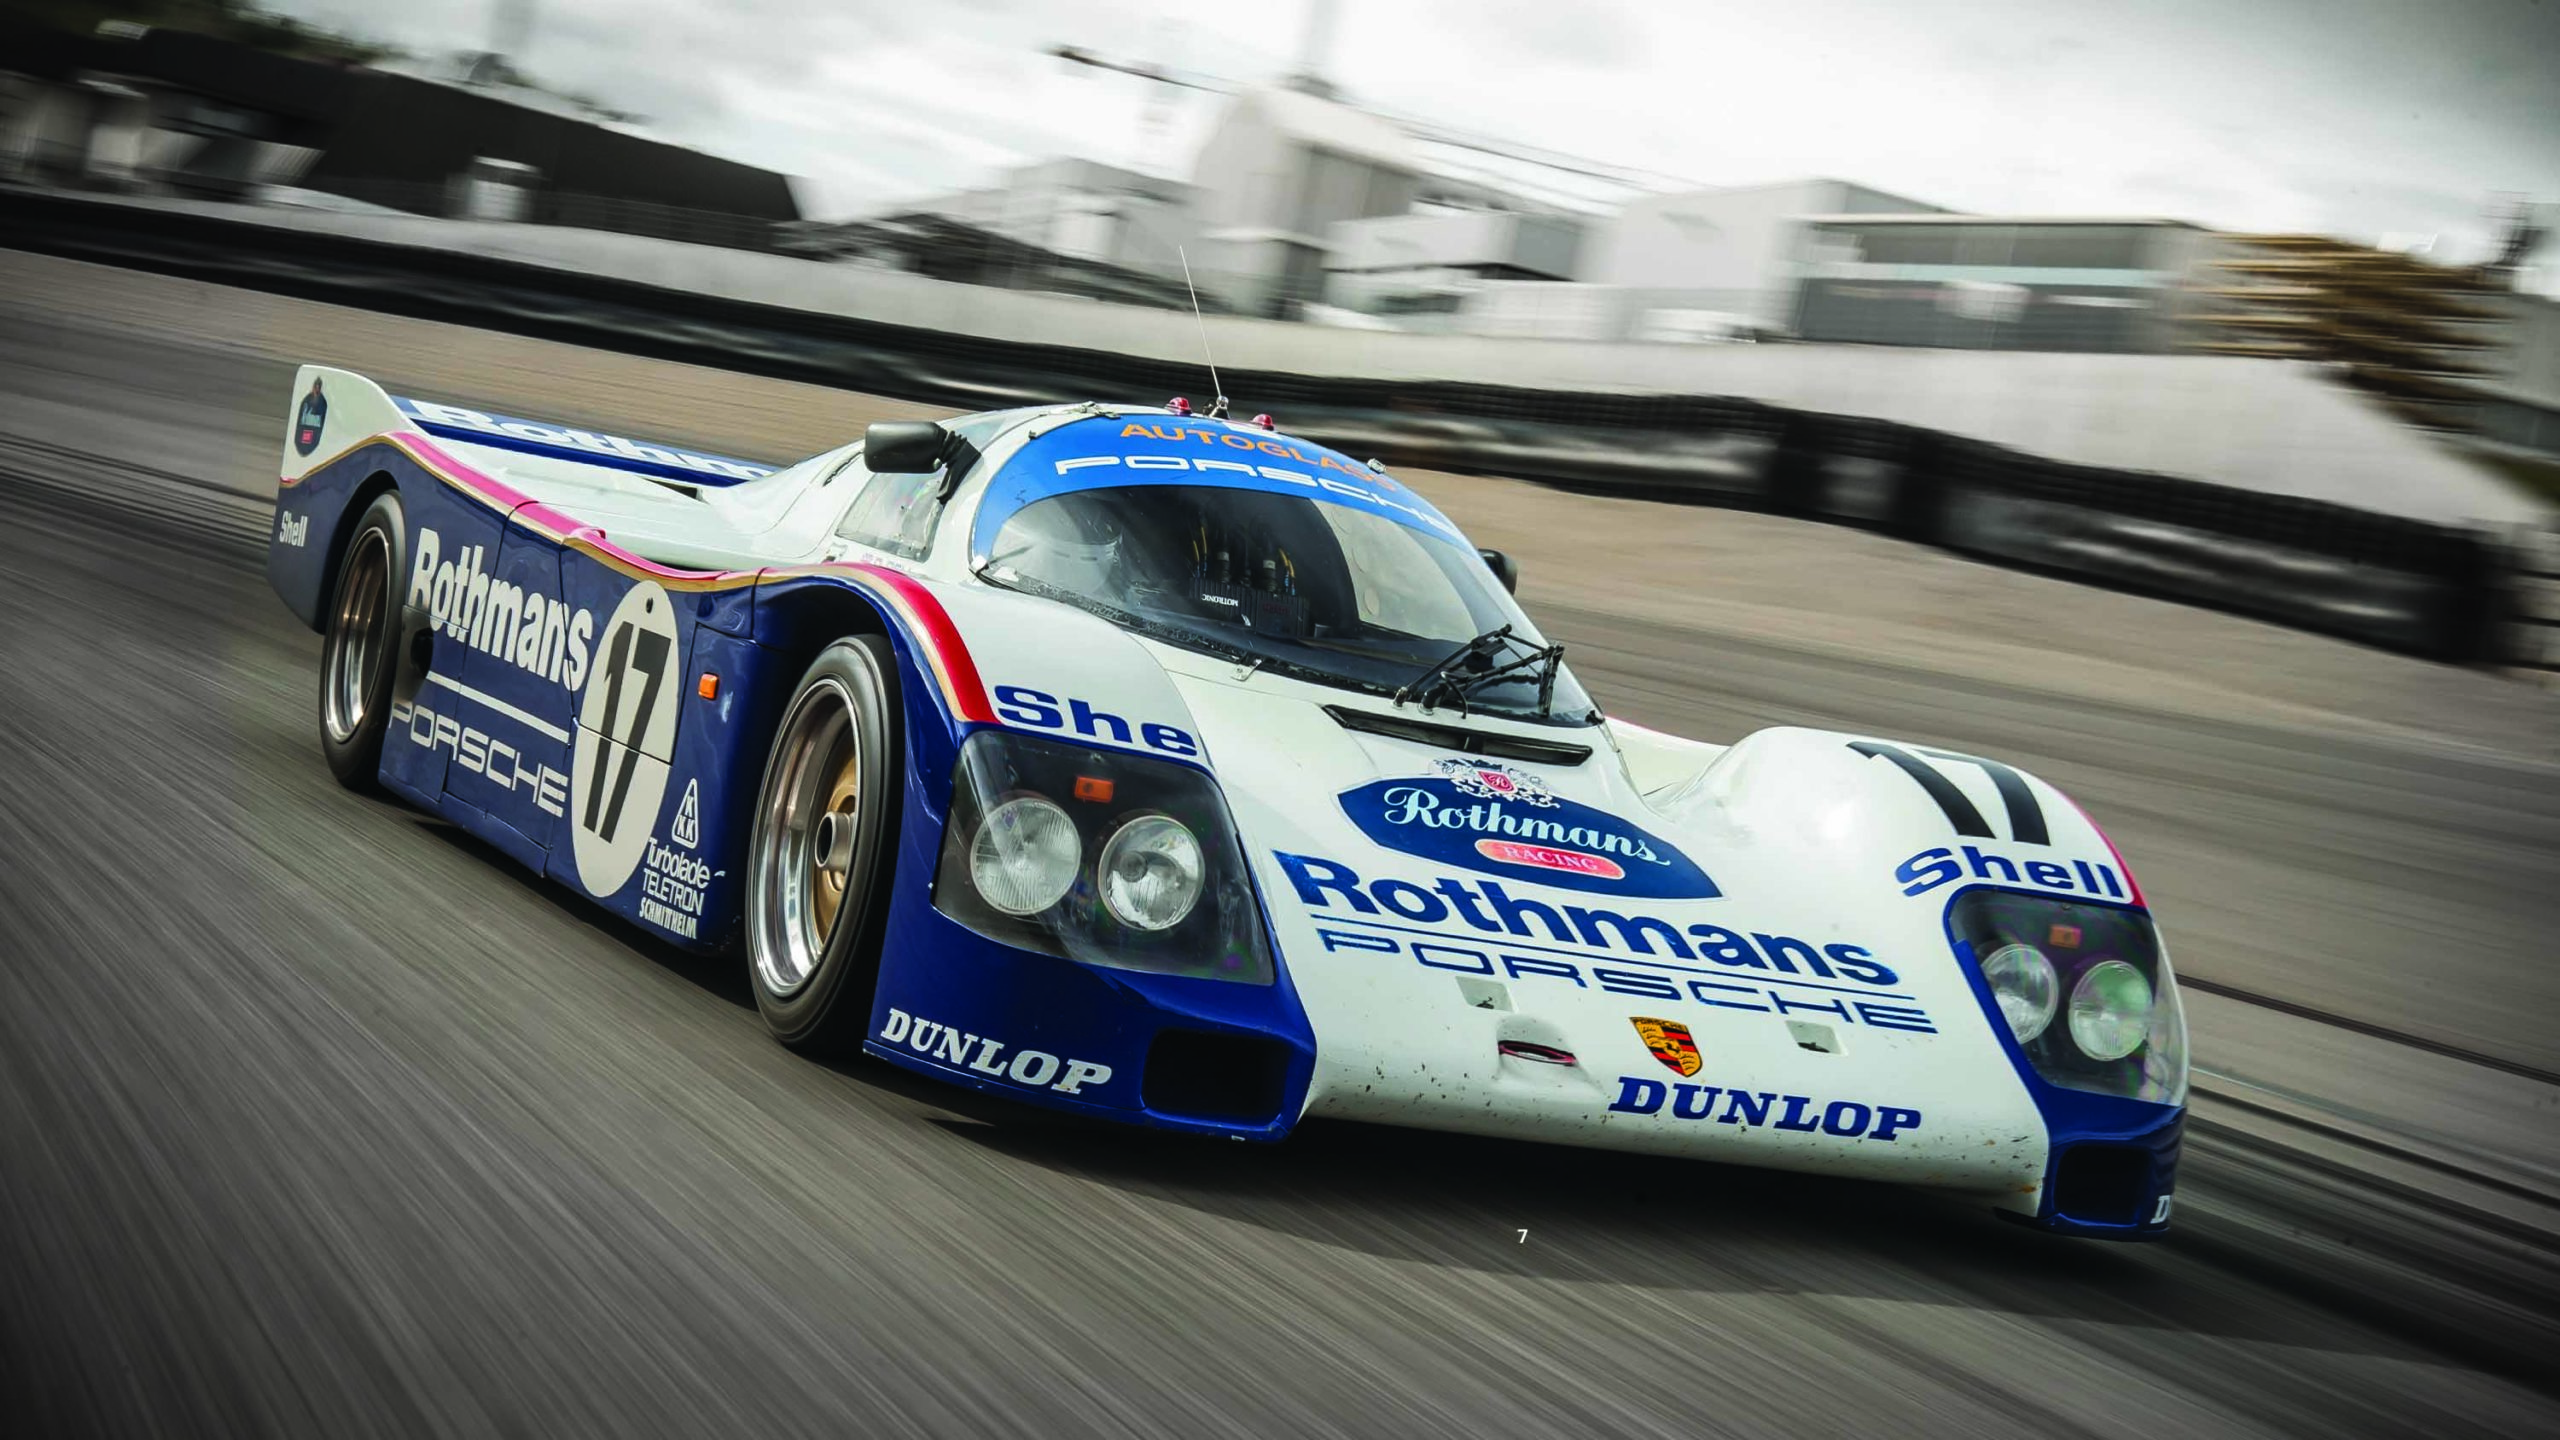 Porsche 962 on track at Silverstone